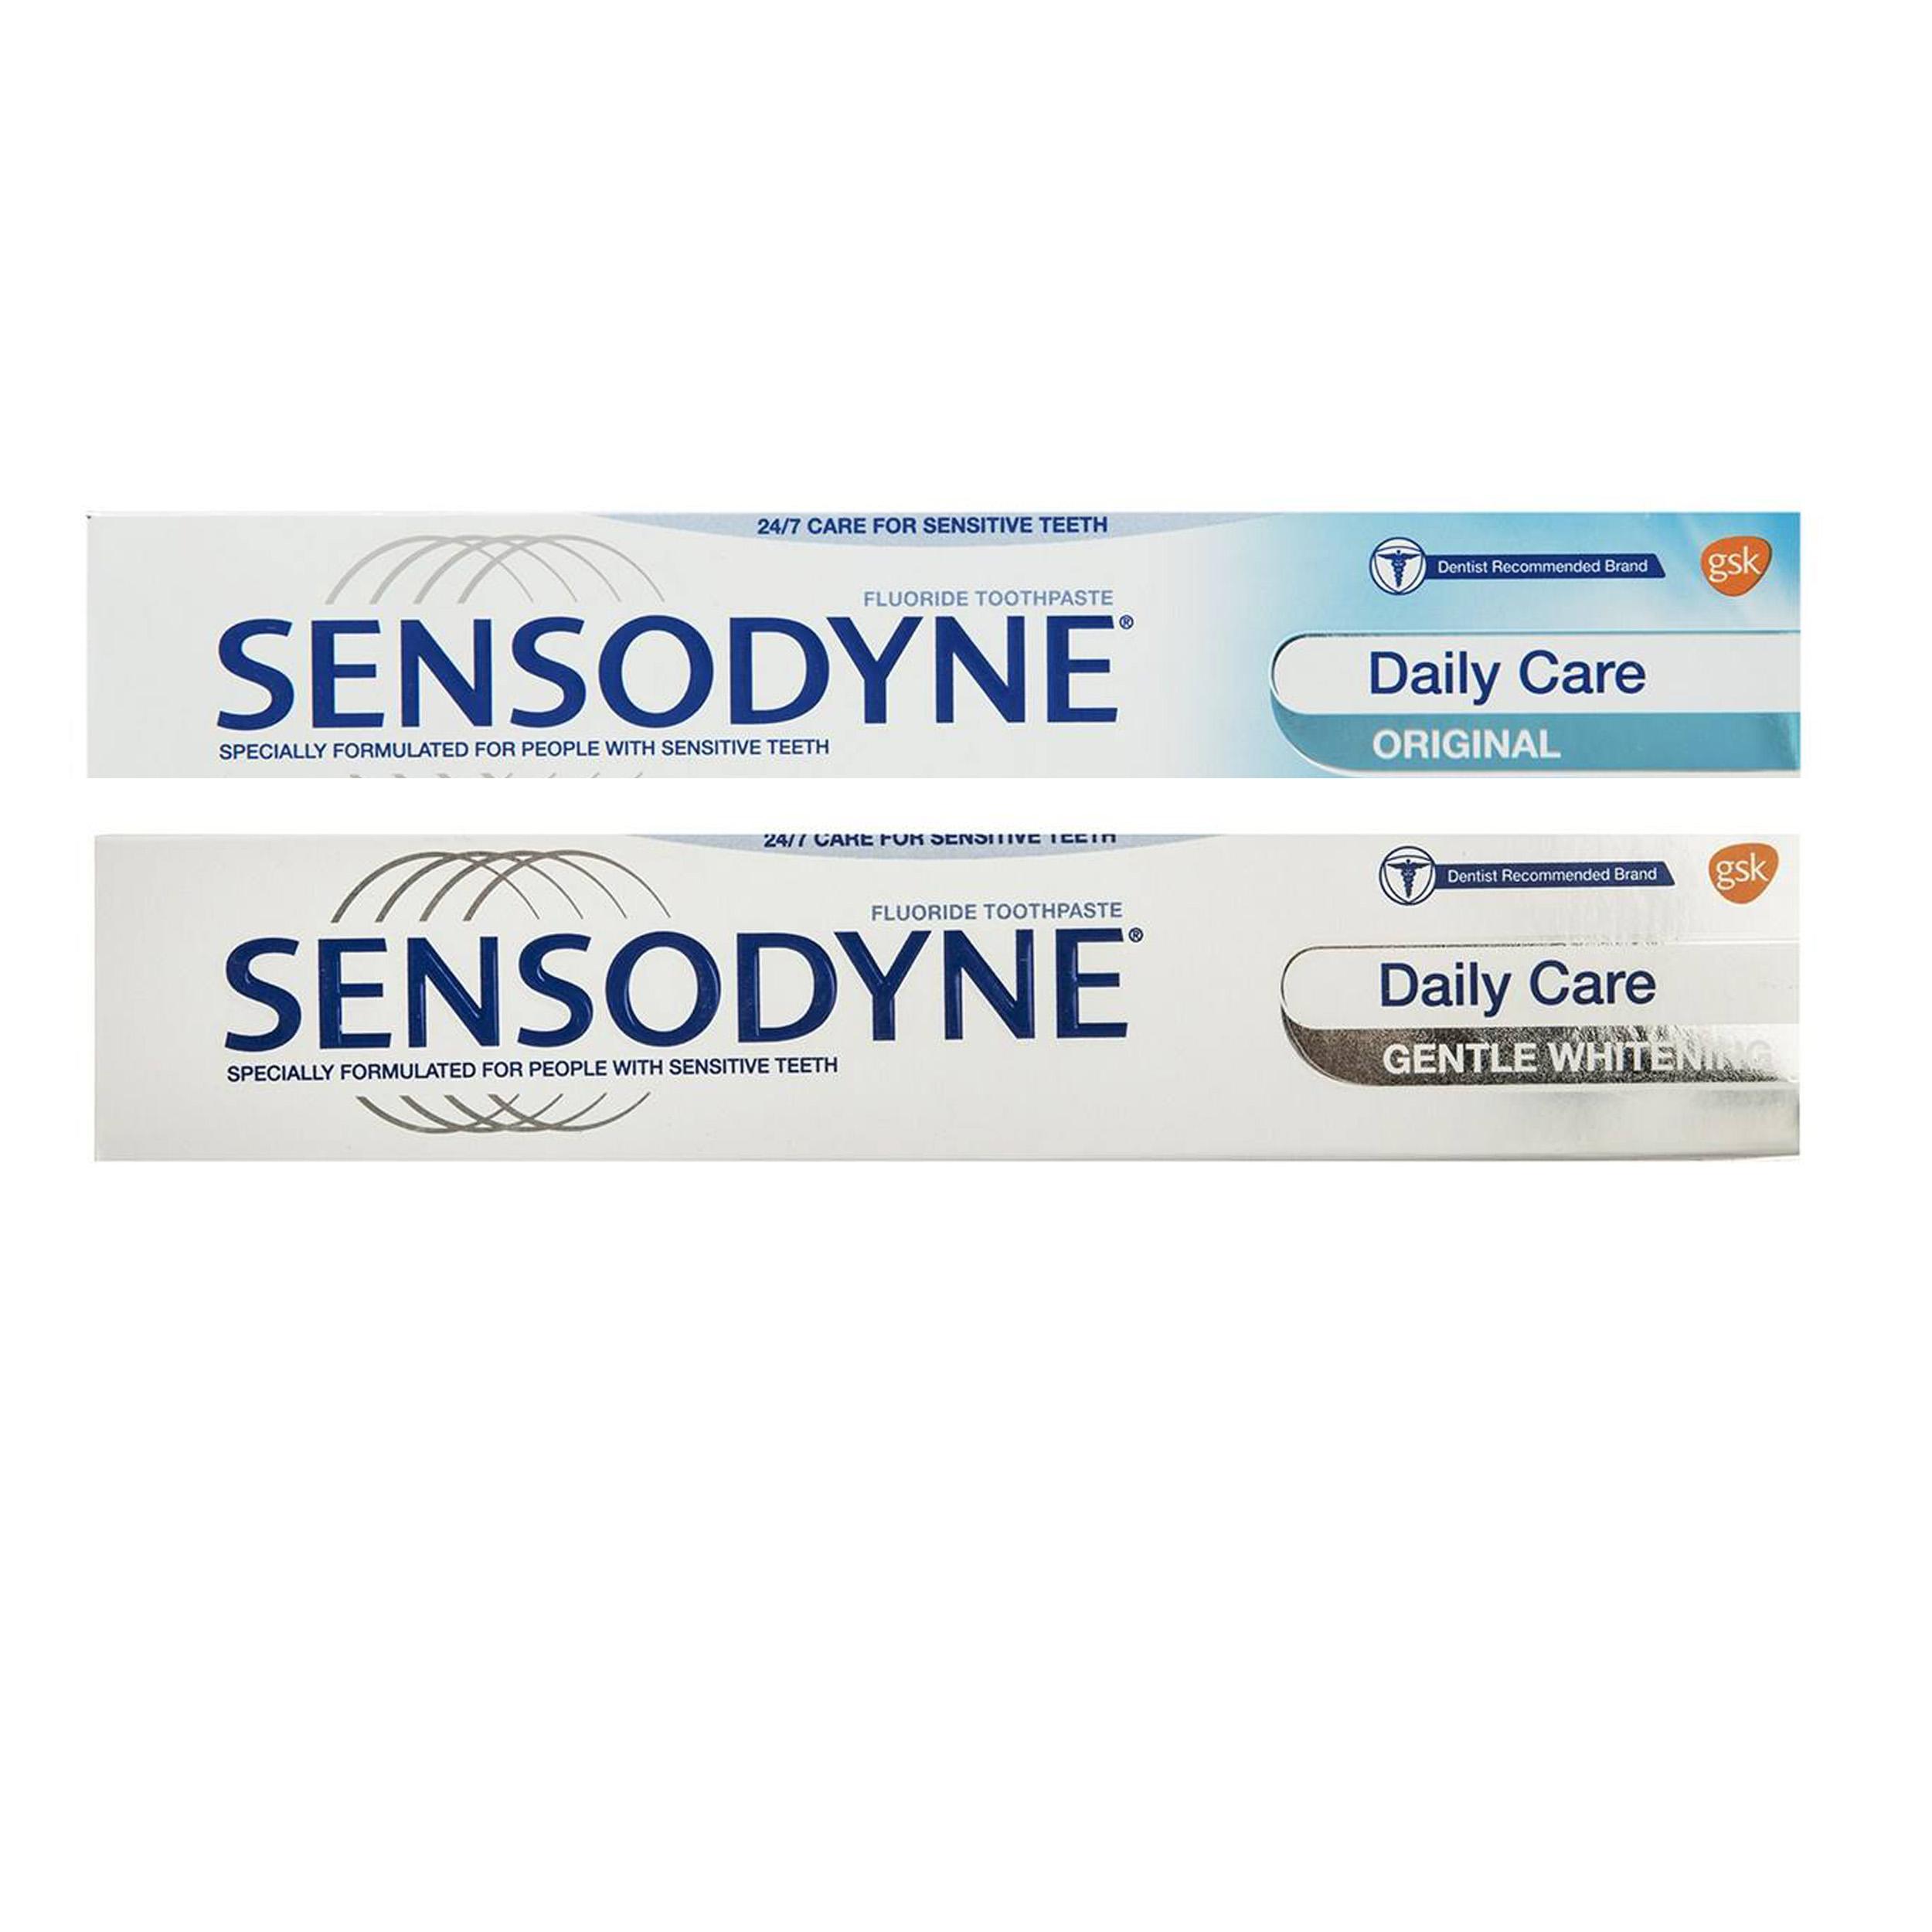 خمیر دندان سنسوداین سری Daily Care حجم 75 میلی لیتر مجموعه 2 عددی